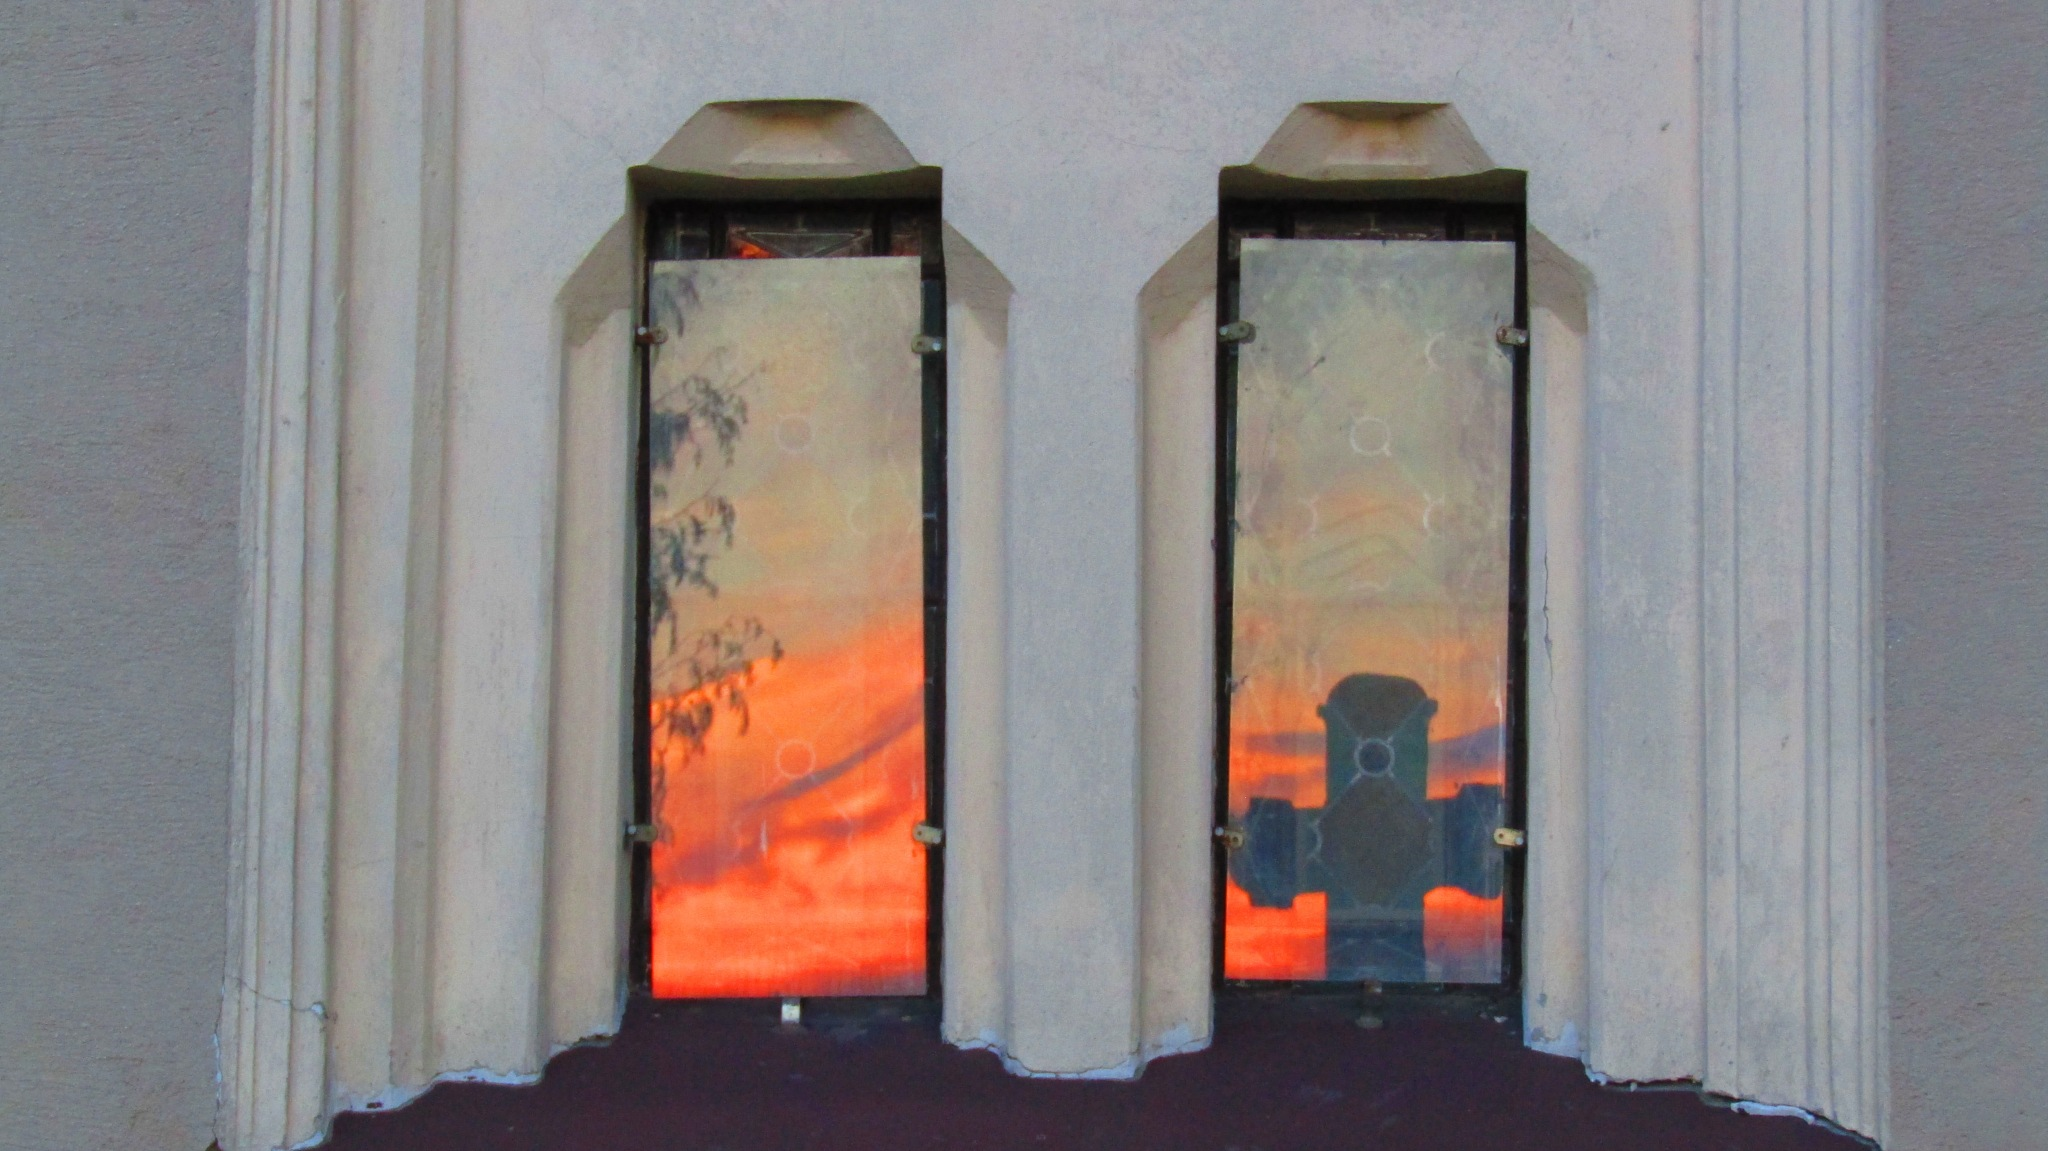 reflection by dundacska